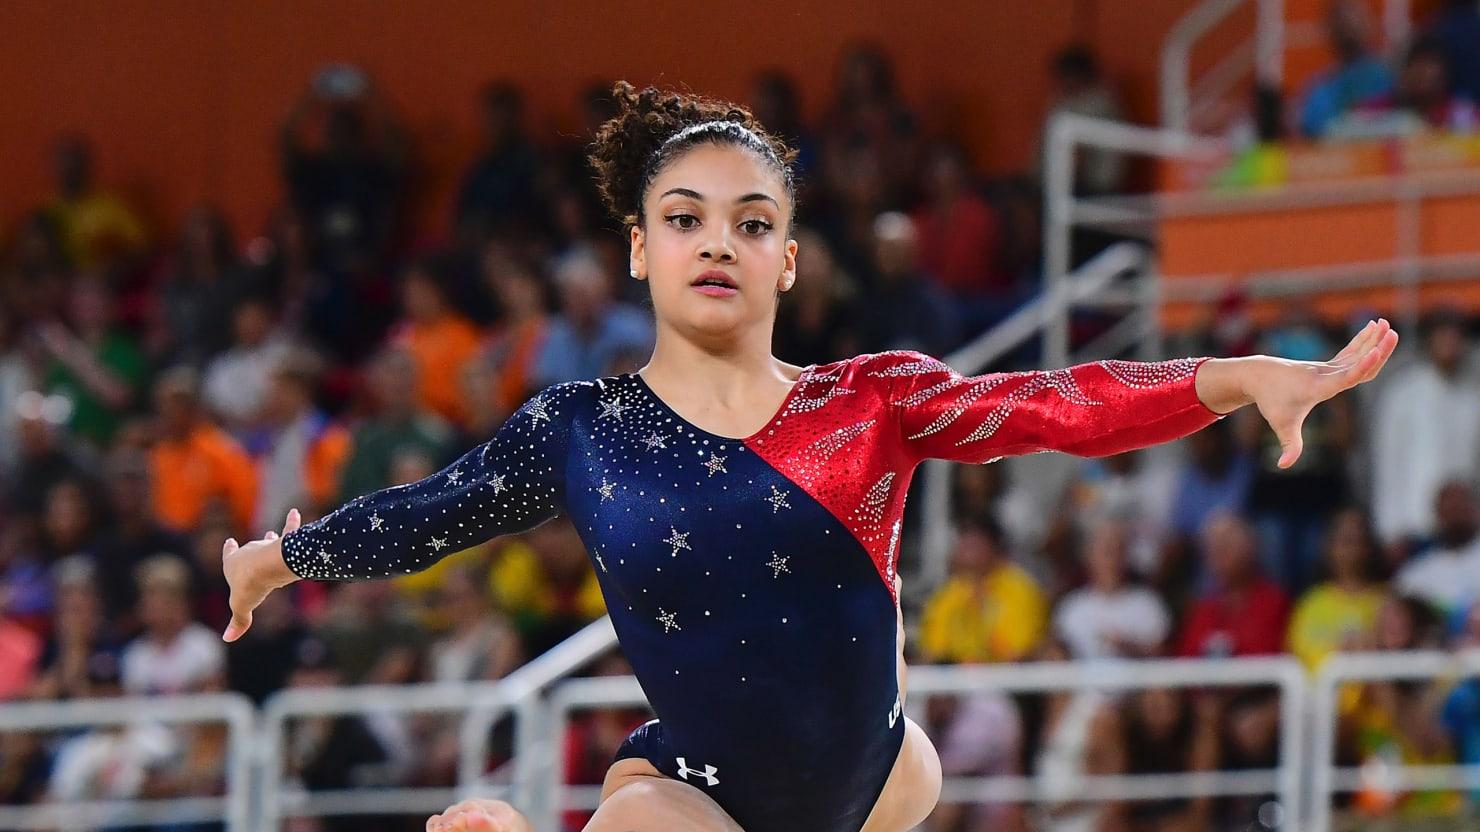 Rio Olympics 2016 How To Watch Usa Women S Gymnastics